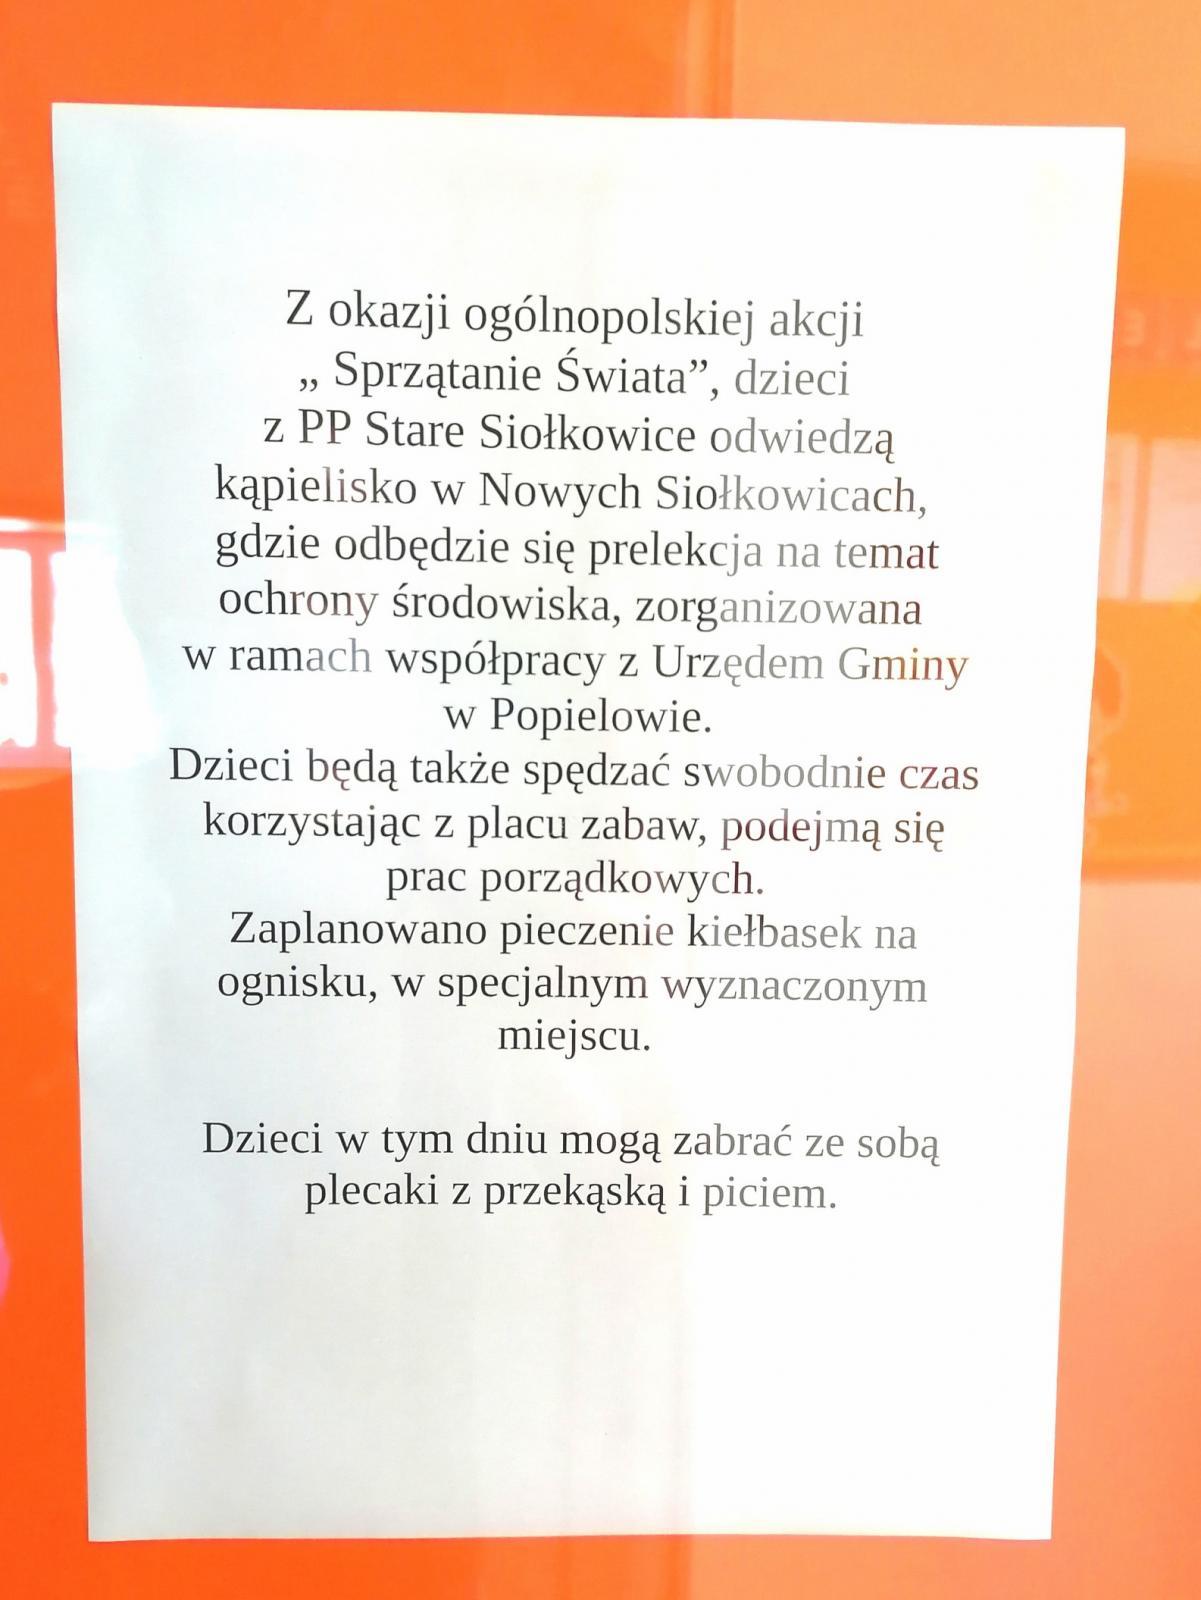 Wycieczka na kąpielisko w Nowych Siołkowicach